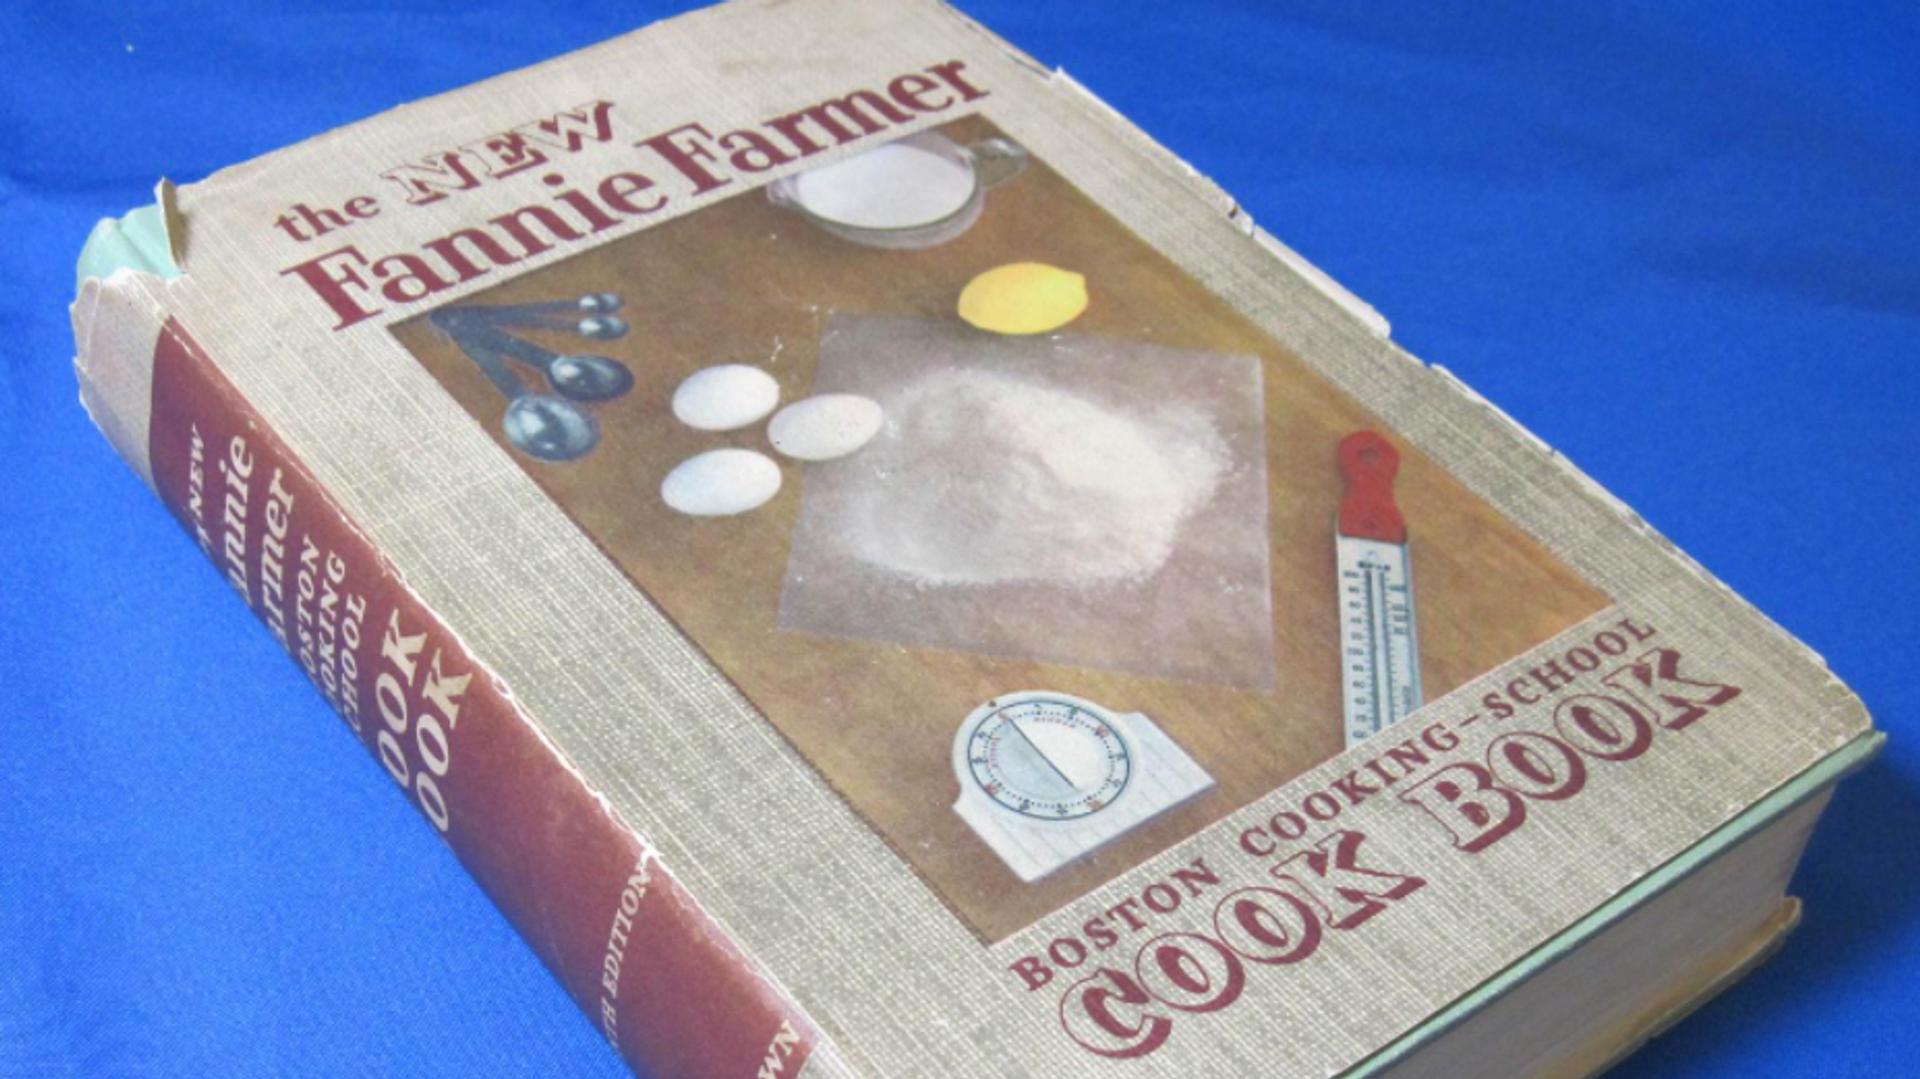 Uno de los libros de recetas de Marilyn Monroe, The New Fanny Farmer Boston Cooking-School Cook Book (El nuevo libro de cocina de la escuela de cocina de Boston de Fanny Farmer)  - Sputnik Mundo, 1920, 06.06.2021